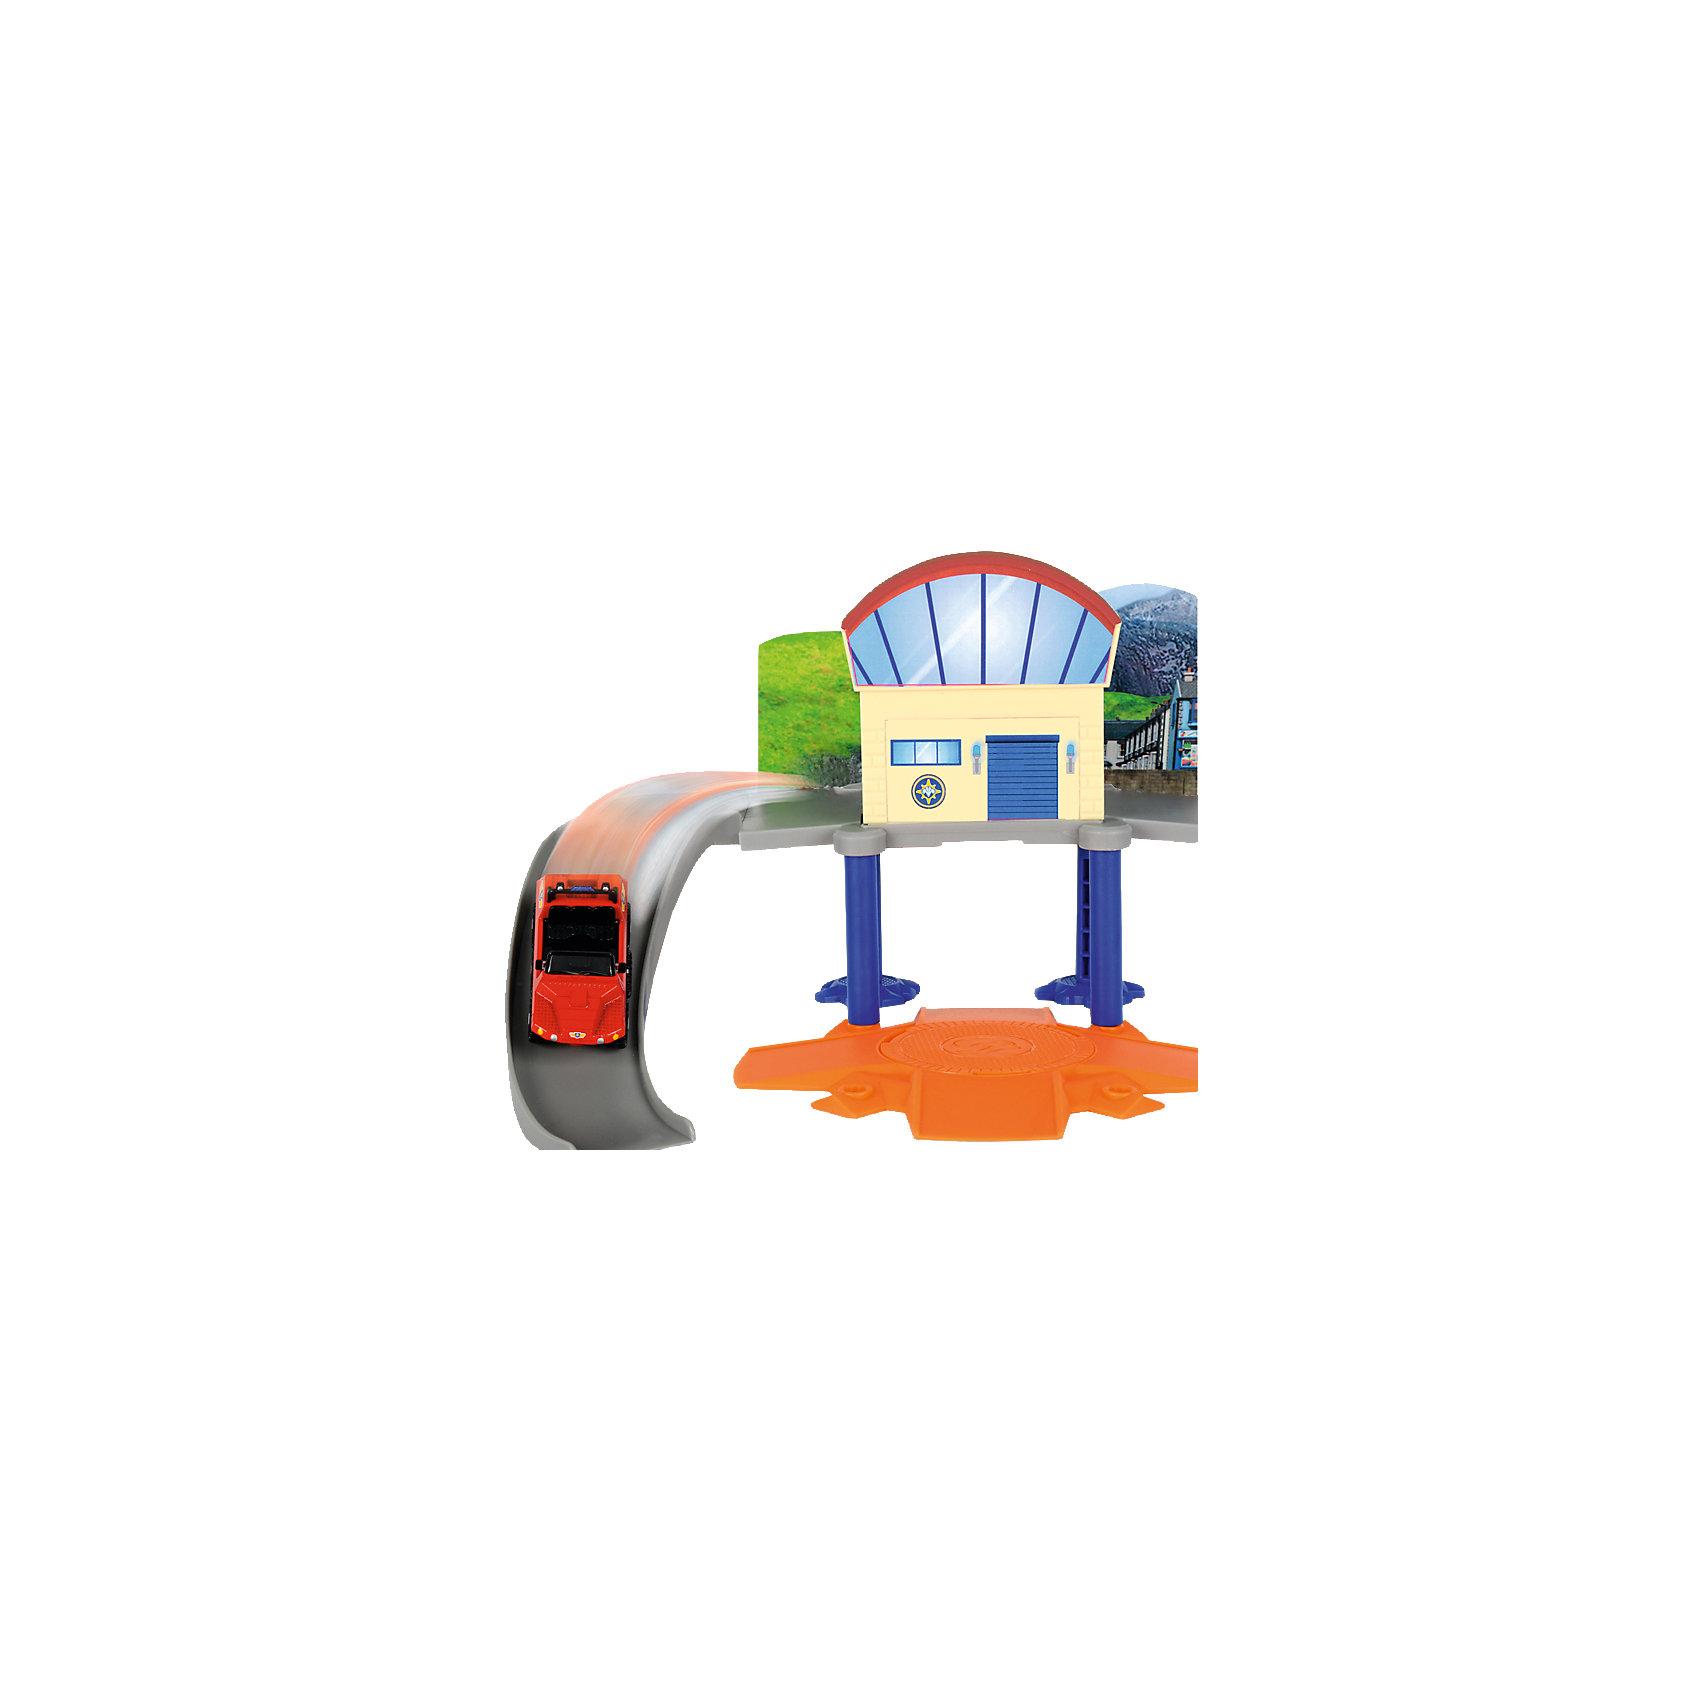 Морской гараж с машинкой, Пожарный Сэм, DickieПарковки и гаражи<br>Морской гараж с машинкой, Пожарный Сэм, Dickie (Дики) – этот набор, несомненно, придется по душе вашему мальчику и не позволит ему скучать.<br>Увлекательный игровой набор «Морской гараж с машинкой» от Dickie (Дики) создан по мотивам мультфильма «Пожарный Сэм». Он представляет собой базу морских спасателей из команды Сэма. Морской гараж оборудован горкой с бортиками для спуска машинки, круговой платформой, которая вращается на 360 градусов, устойчивыми стойками, которые отвечают за опорную функцию гаража. В набор входит металлическая машина пляжного спасателя. Машинка изготовлена в соответствии с внешним видом настоящих служебных машин спасателей. С набором «Морской гараж с машинкой» ваш ребенок почувствует себя в роли настоящего спасателя, и справиться с любыми опасностями! Благодаря откидывающейся боковой панели набор можно объединить с Пожарным гаражом (3099619), который продается отдельно, что сделает сюжетно-ролевые игры еще веселее.<br><br>Дополнительная информация:<br><br>- В наборе: детали гаража, машинка Hydrus<br>- Размер собранного гаража: 30 x 30 x 10 см.<br>- Масштаб машинки 1:64<br>- Материал: высококачественный пластик, металл, картон<br>- Размер упаковки: 25 x 9 x 16 см.<br>- Вес: 1 кг.<br><br>Морской гараж с машинкой, Пожарный Сэм, Dickie (Дики) можно купить в нашем интернет-магазине.<br><br>Ширина мм: 250<br>Глубина мм: 90<br>Высота мм: 160<br>Вес г: 1000<br>Возраст от месяцев: 36<br>Возраст до месяцев: 72<br>Пол: Мужской<br>Возраст: Детский<br>SKU: 4490482